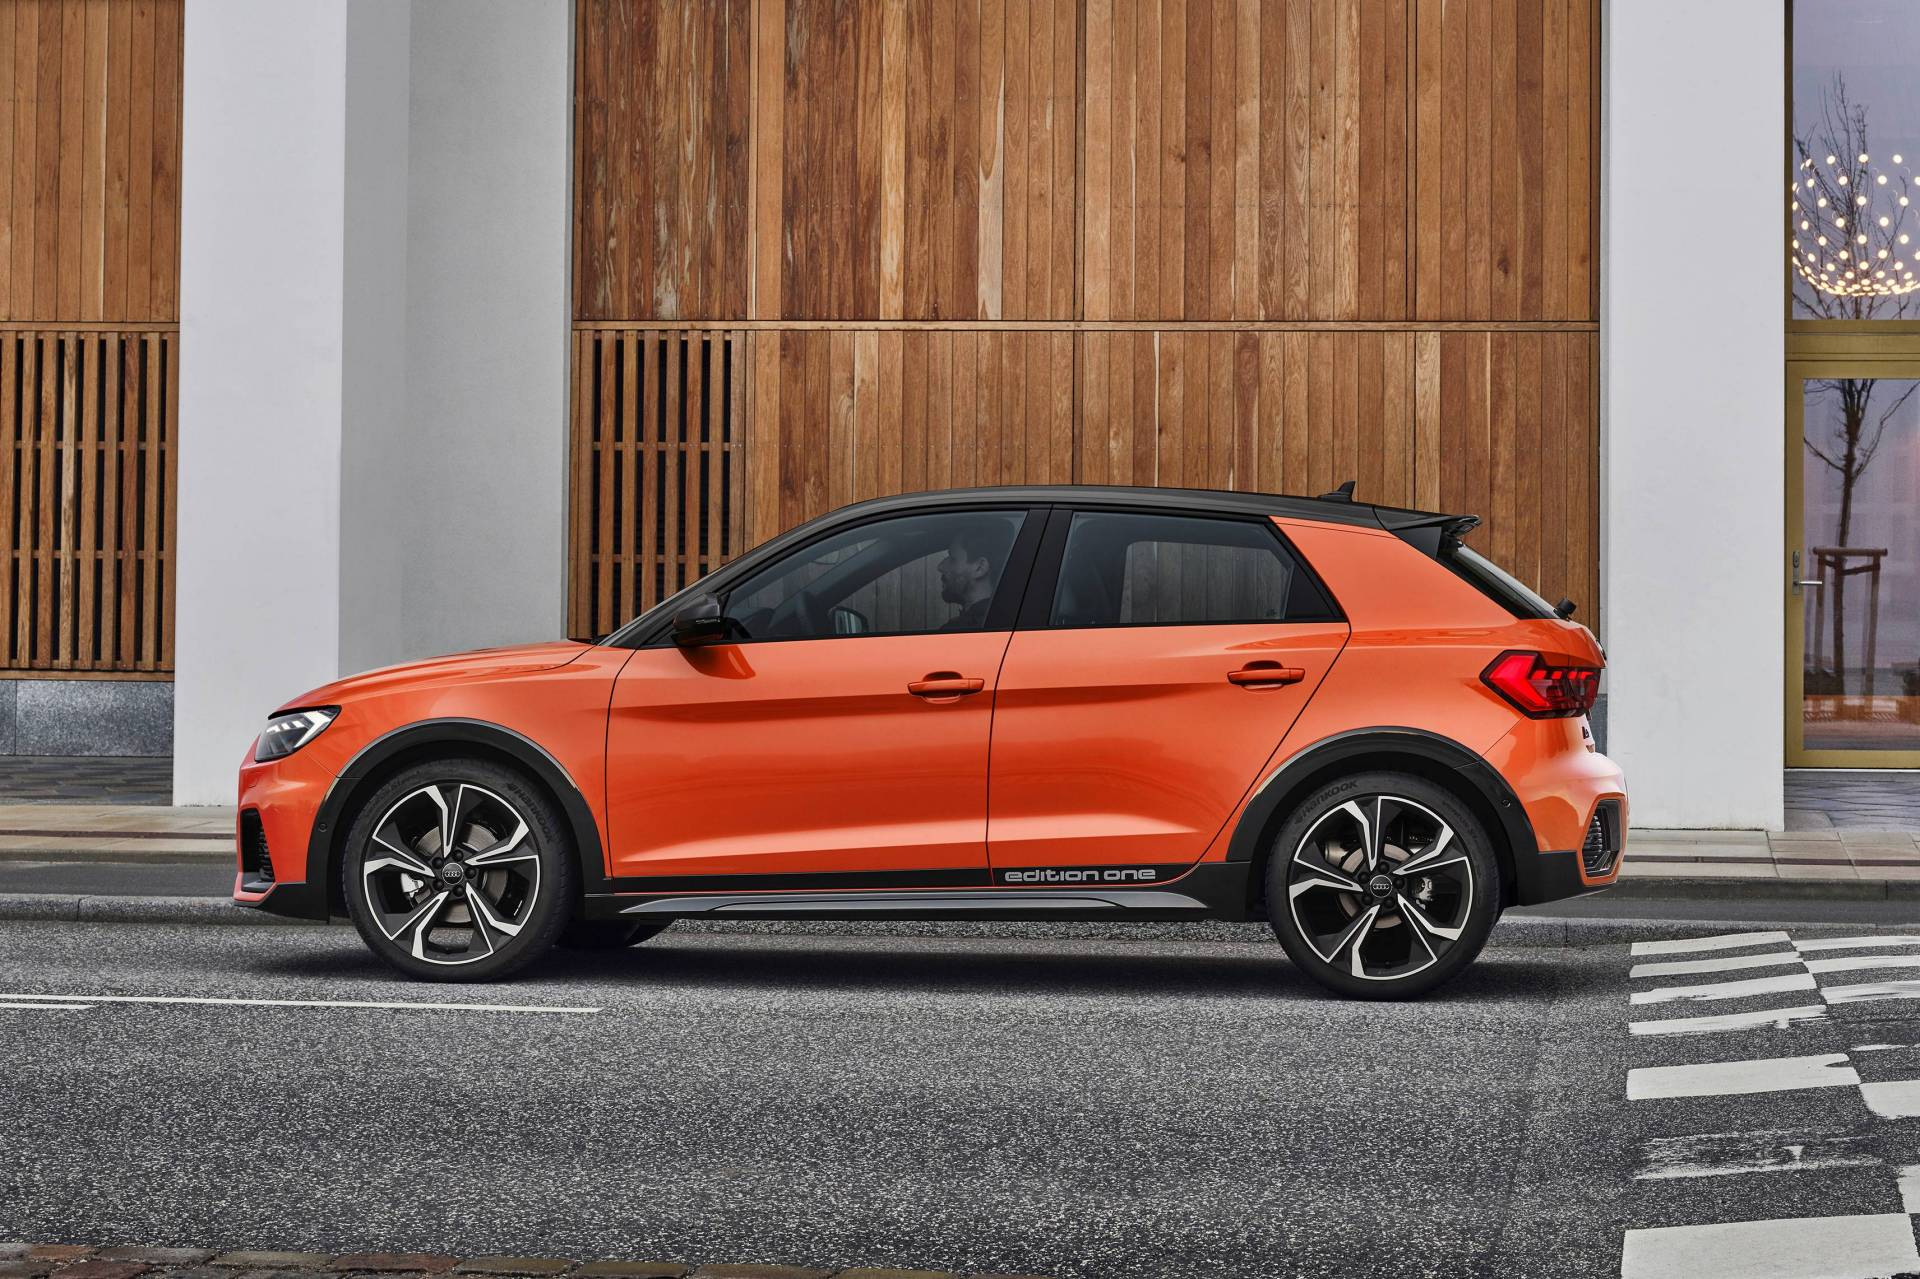 Audi A1 Citycarver 2020 ra mắt phiên bản hatchback gầm cao, tiện dụng cho đô thị - 1